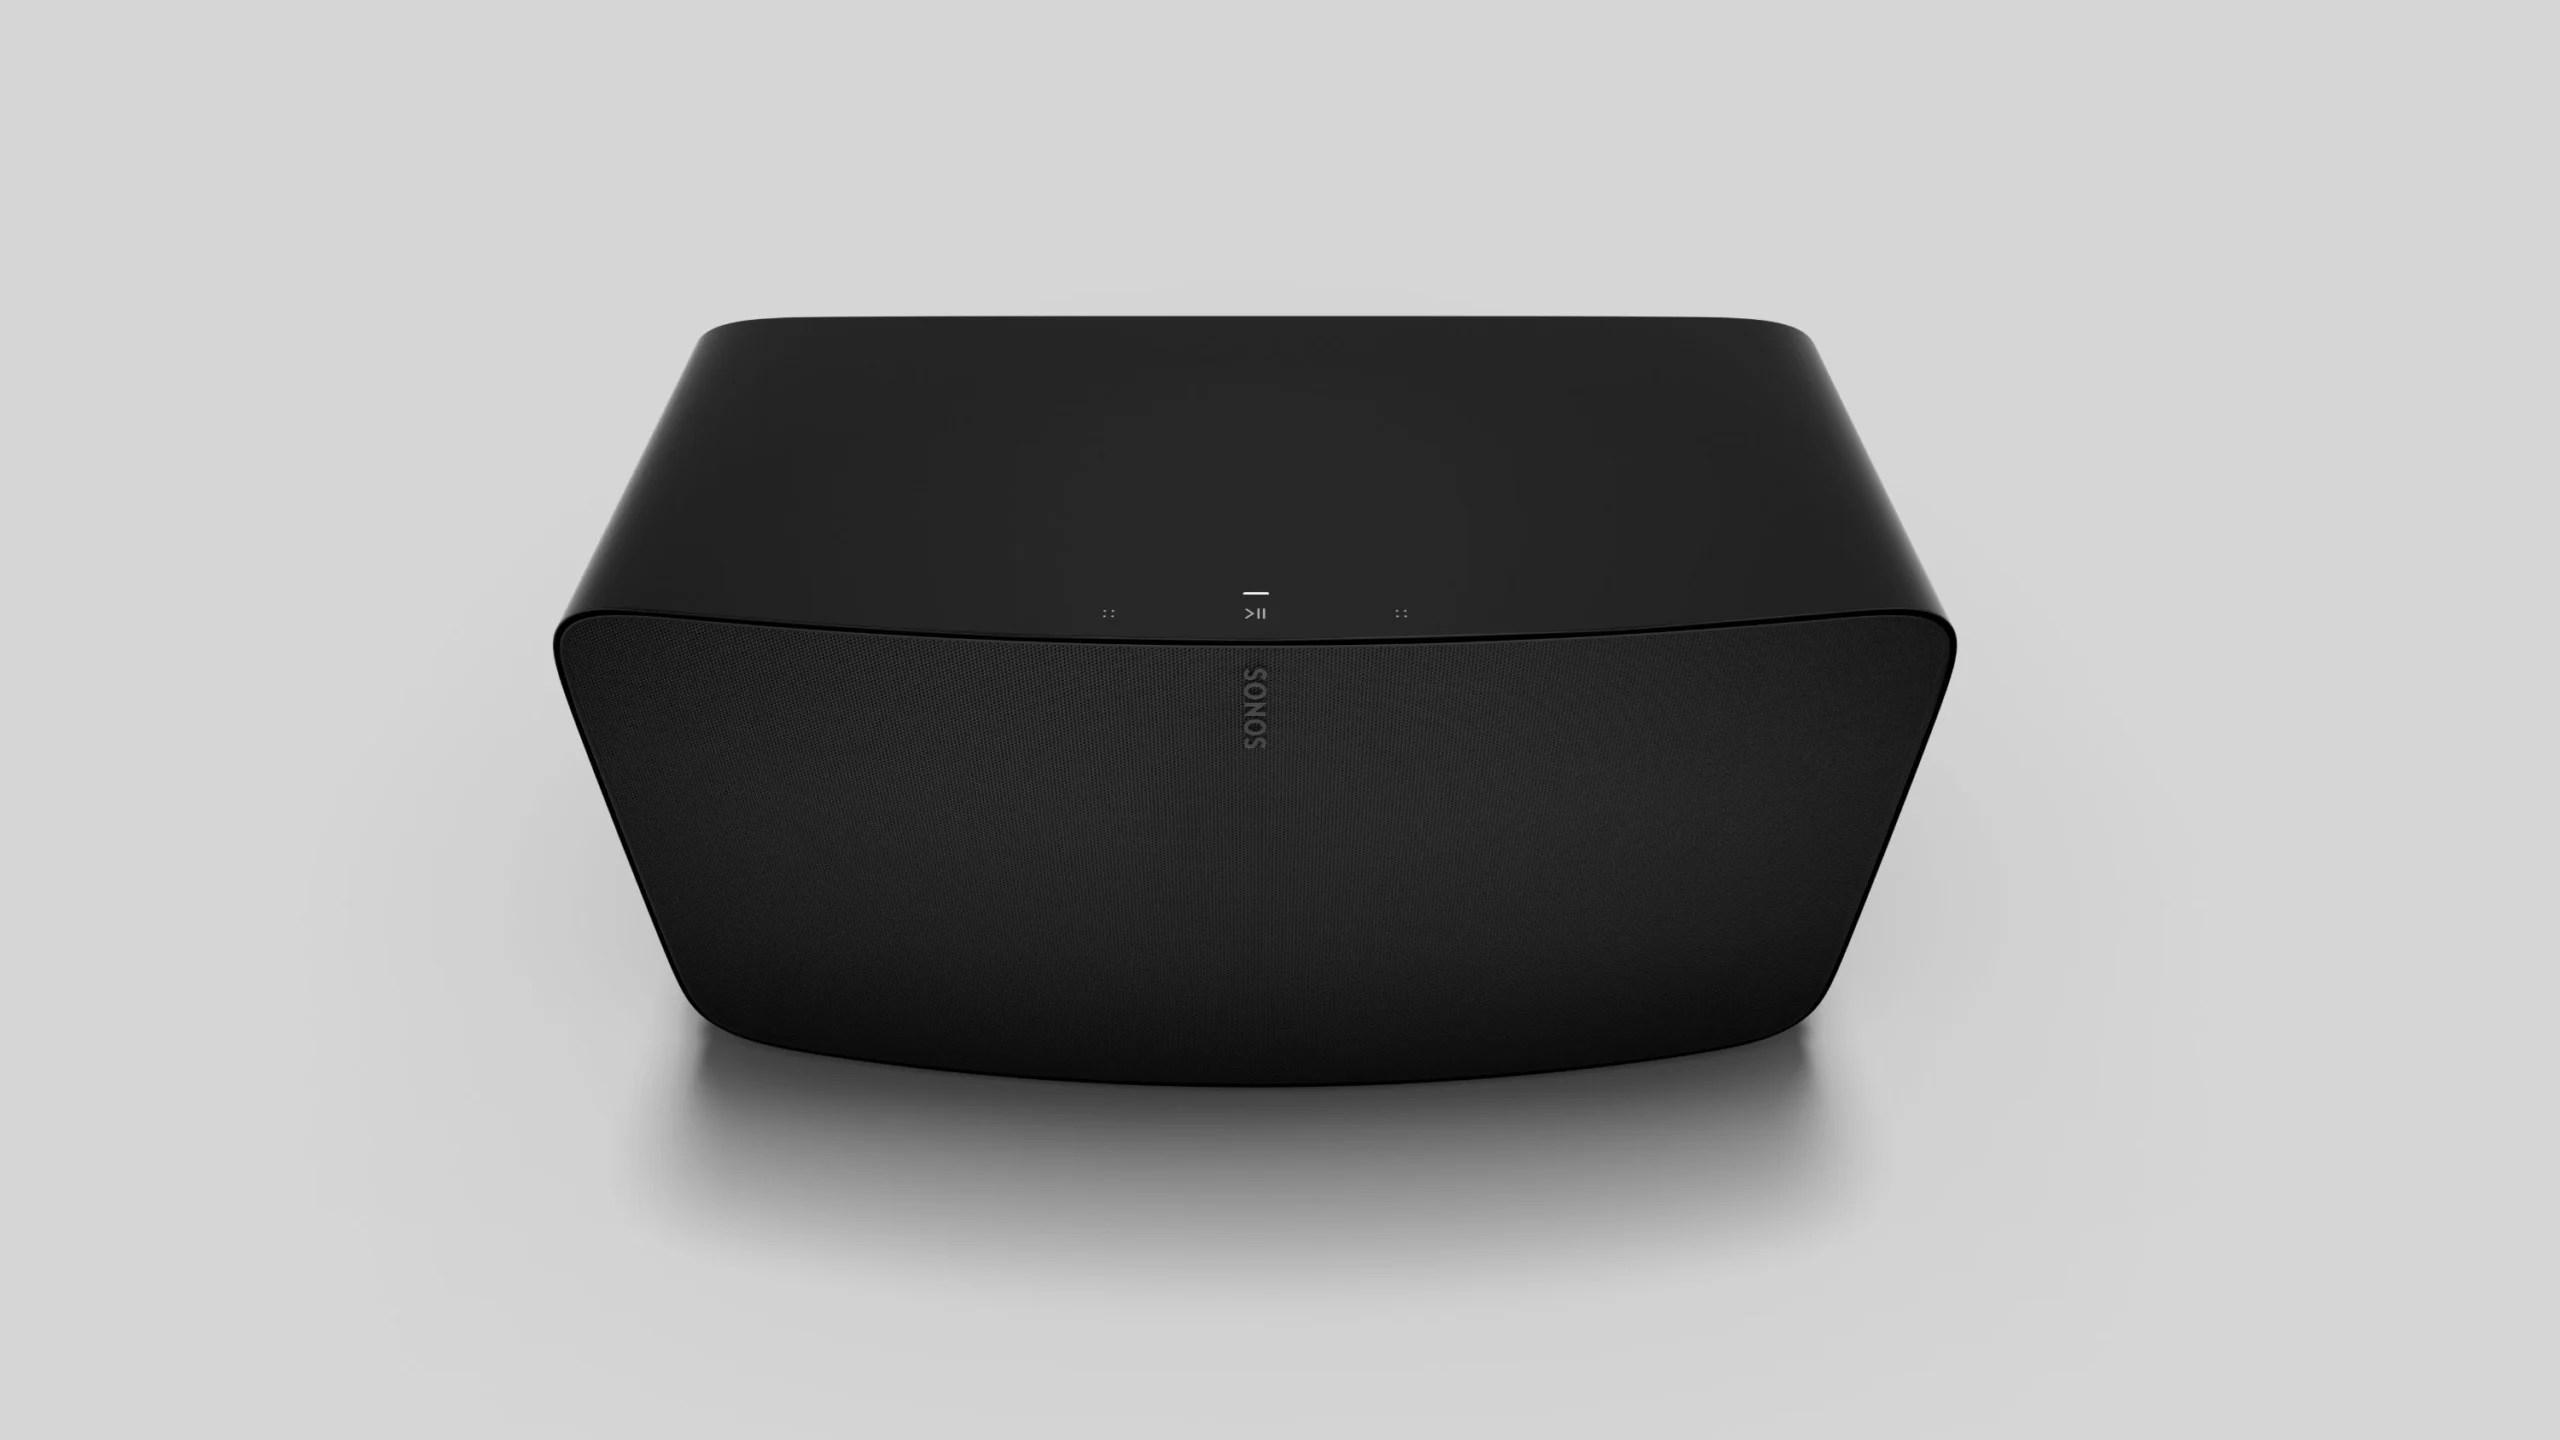 Sonos annonce les Sub (Gen 3) et Sonos Five, ainsi qu'une toute nouvelle application